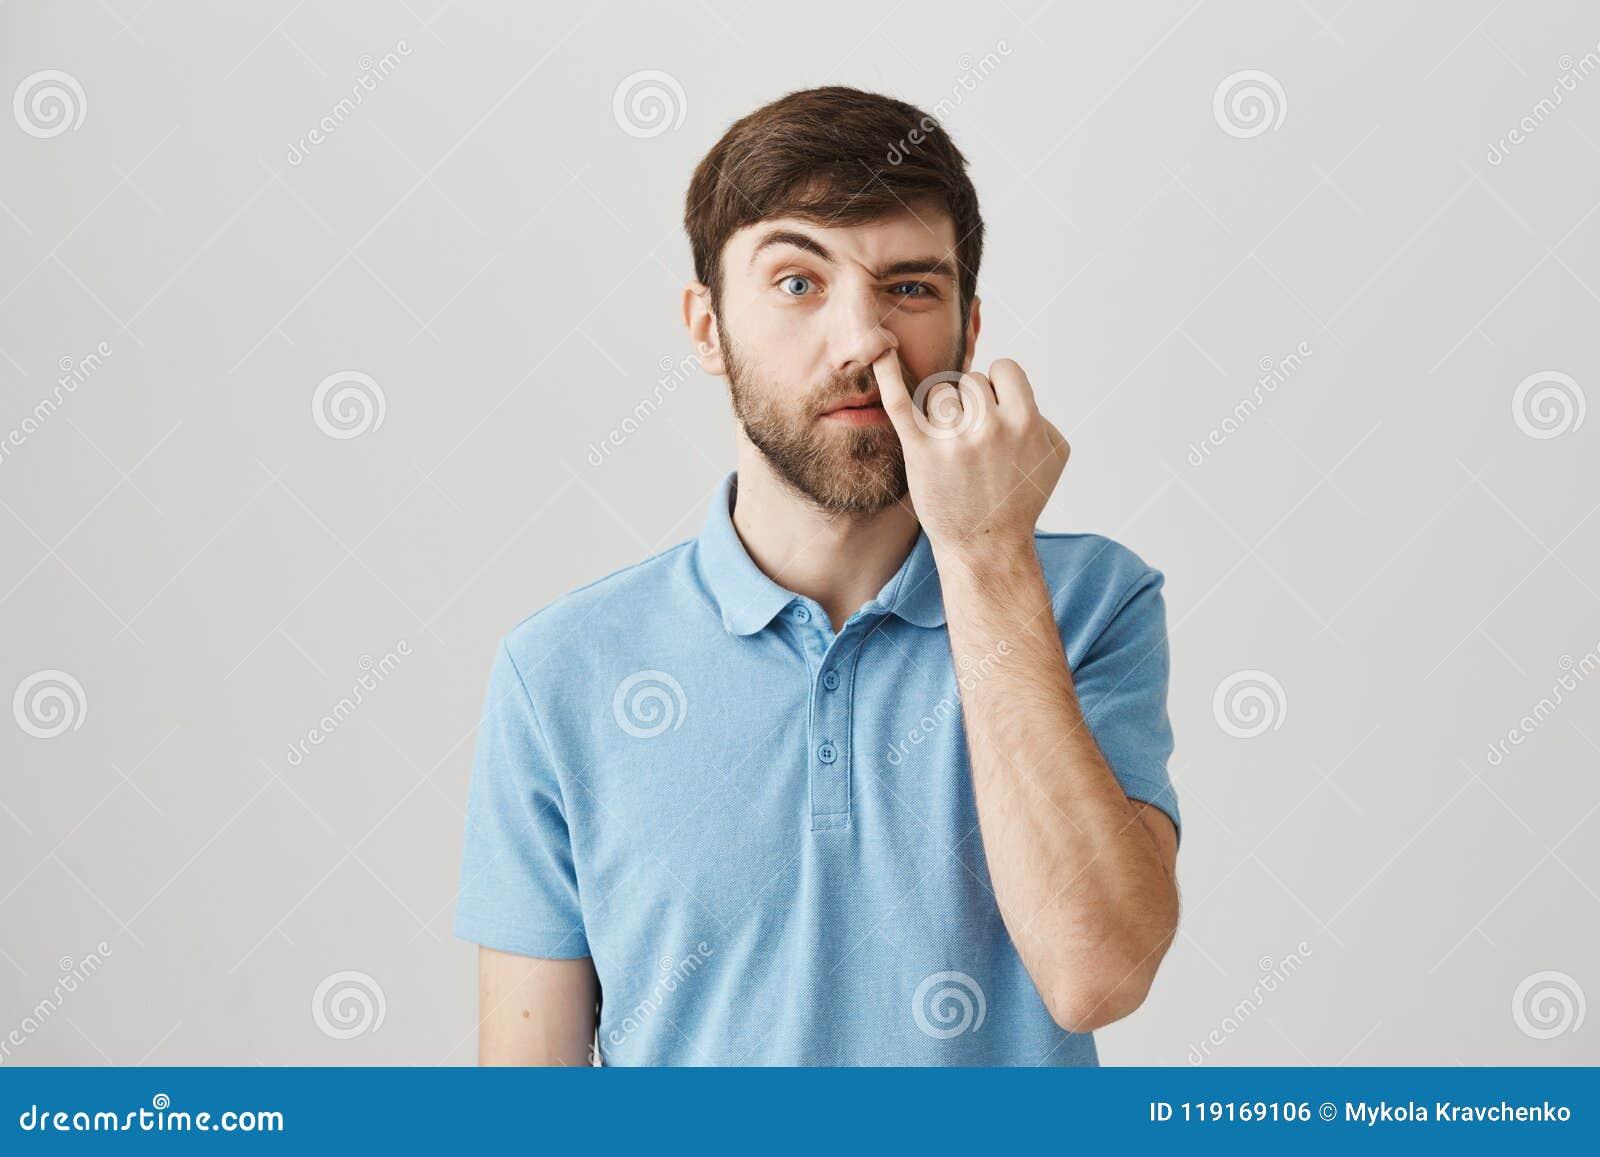 Retrato do homem caucasiano descortês engraçado com barba, escolhendo o nariz com olhar fixamente mindinho com a sobrancelha leva